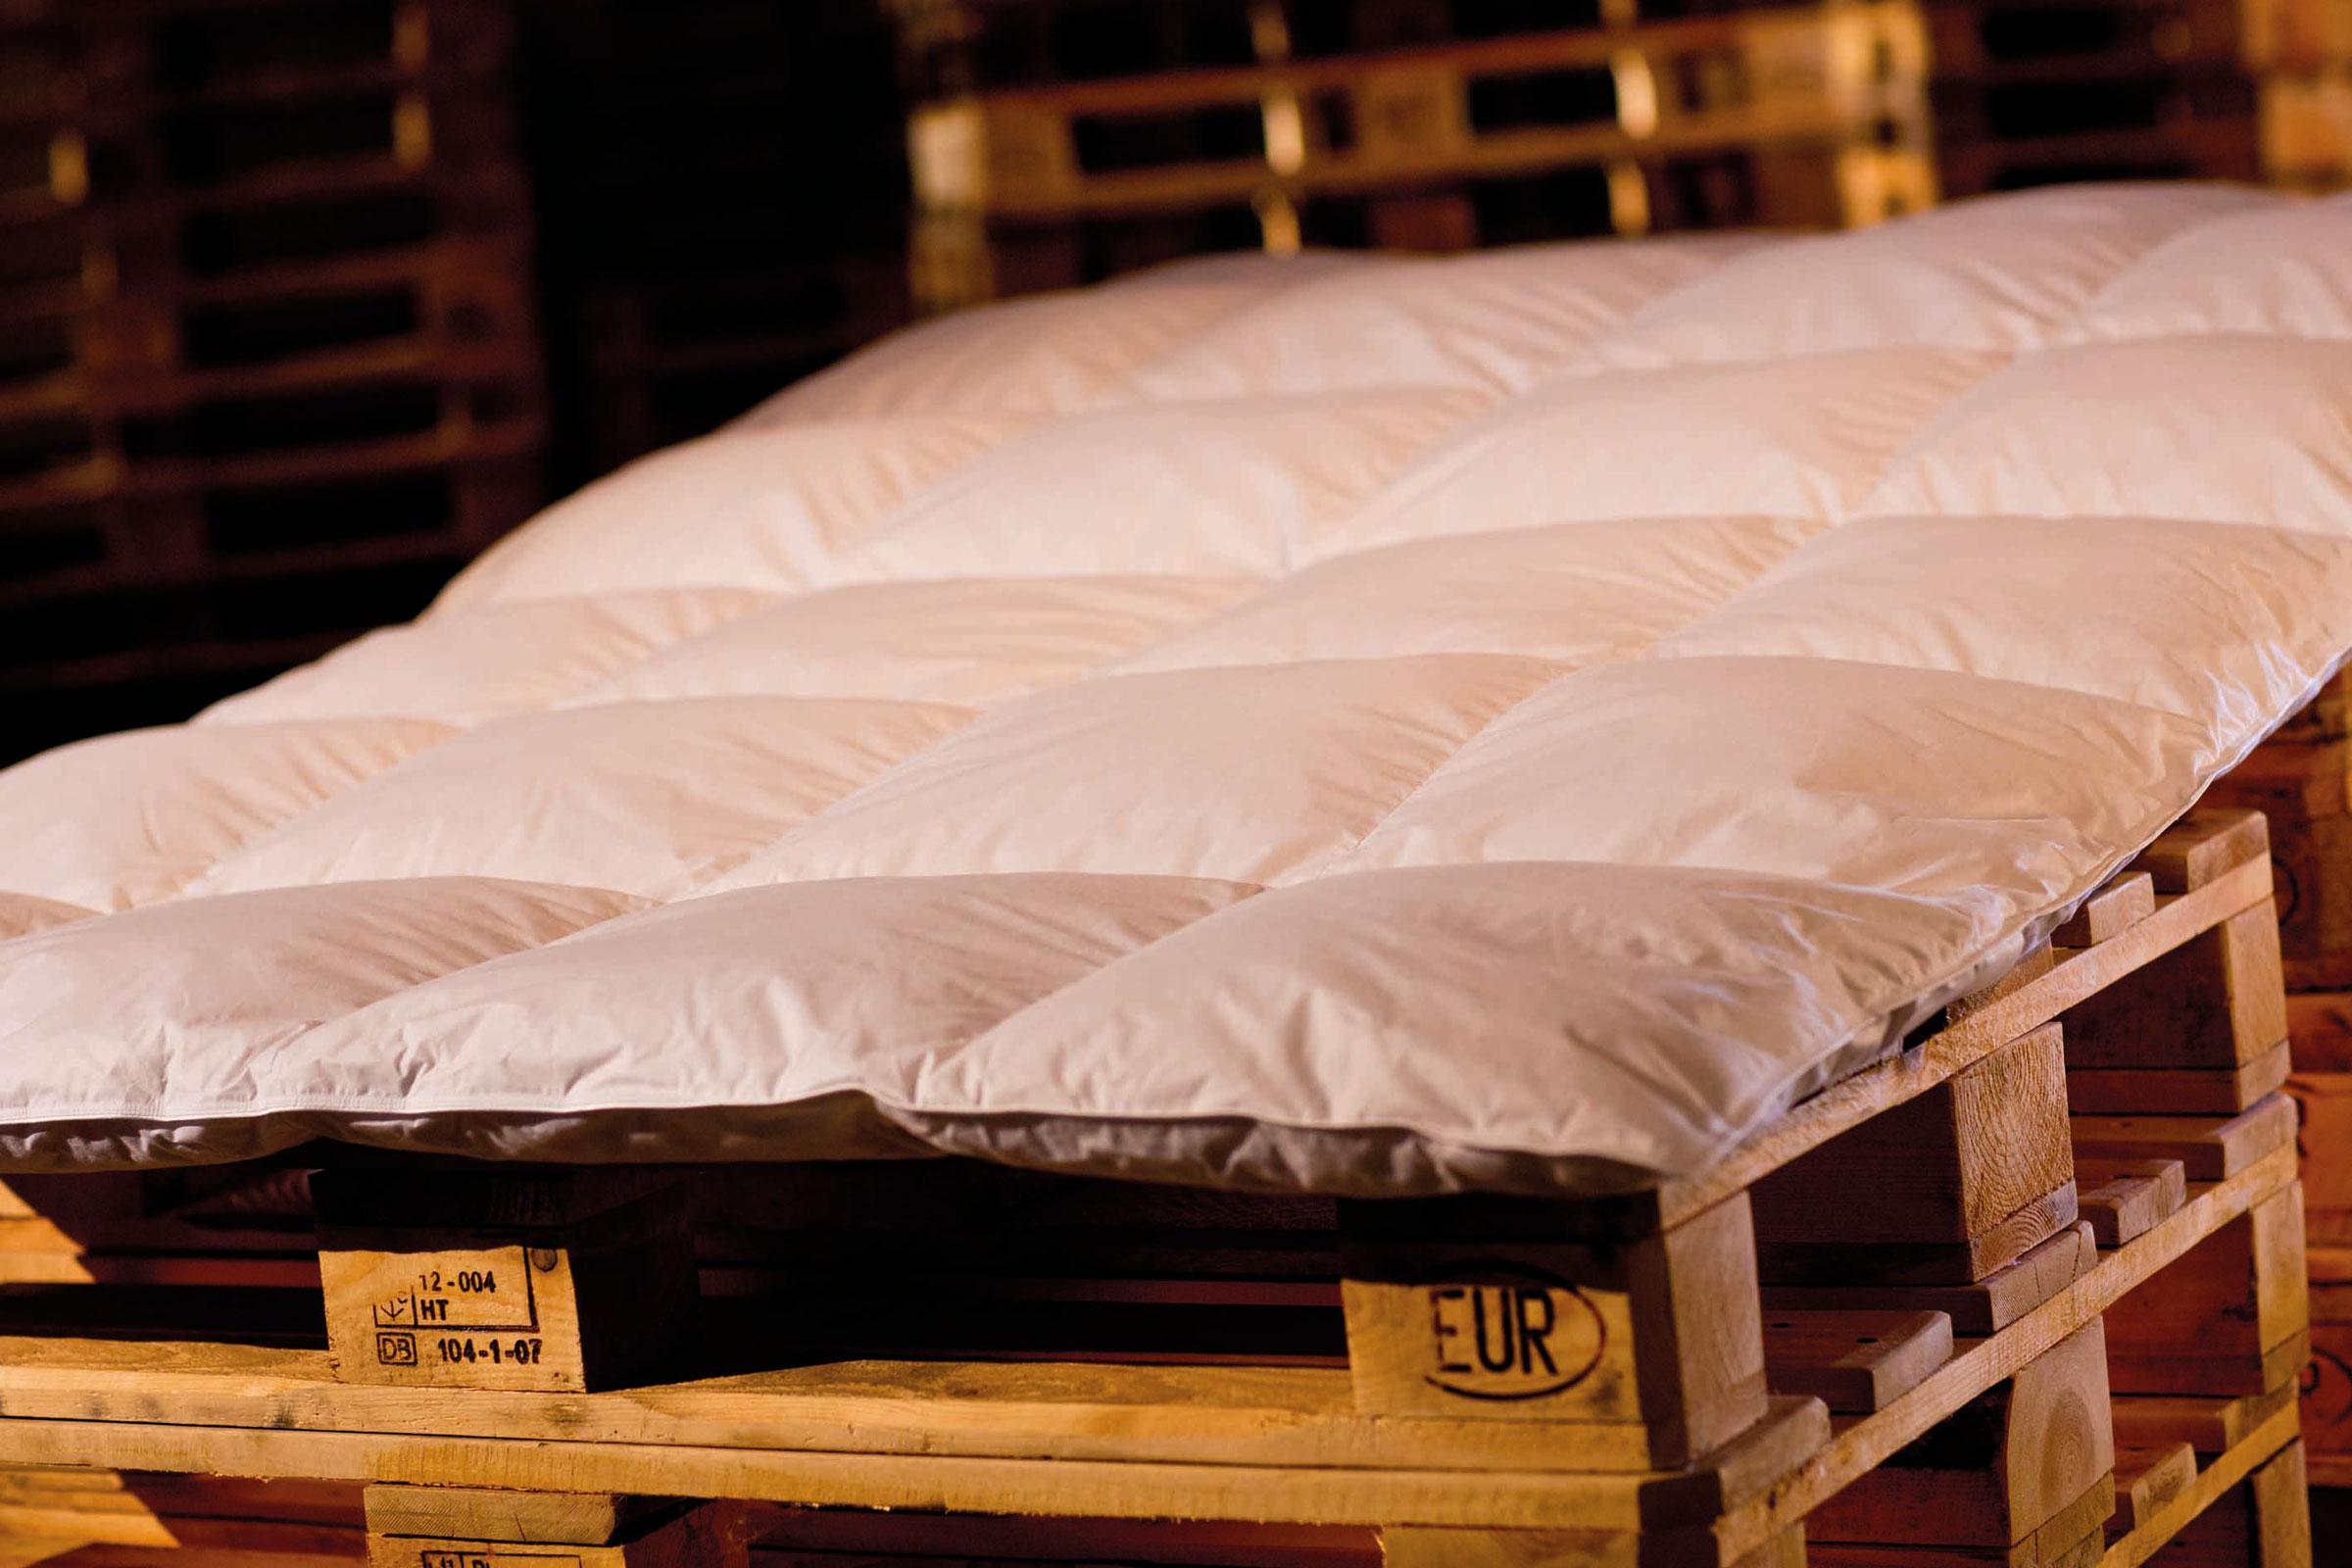 Bettdecken und Kopfkissen - Premium Ganzjahresdecke Bettdecke 200x220 1690Gramm 50 Daunen 50 Federn Serie Moon  - Onlineshop PremiumShop321